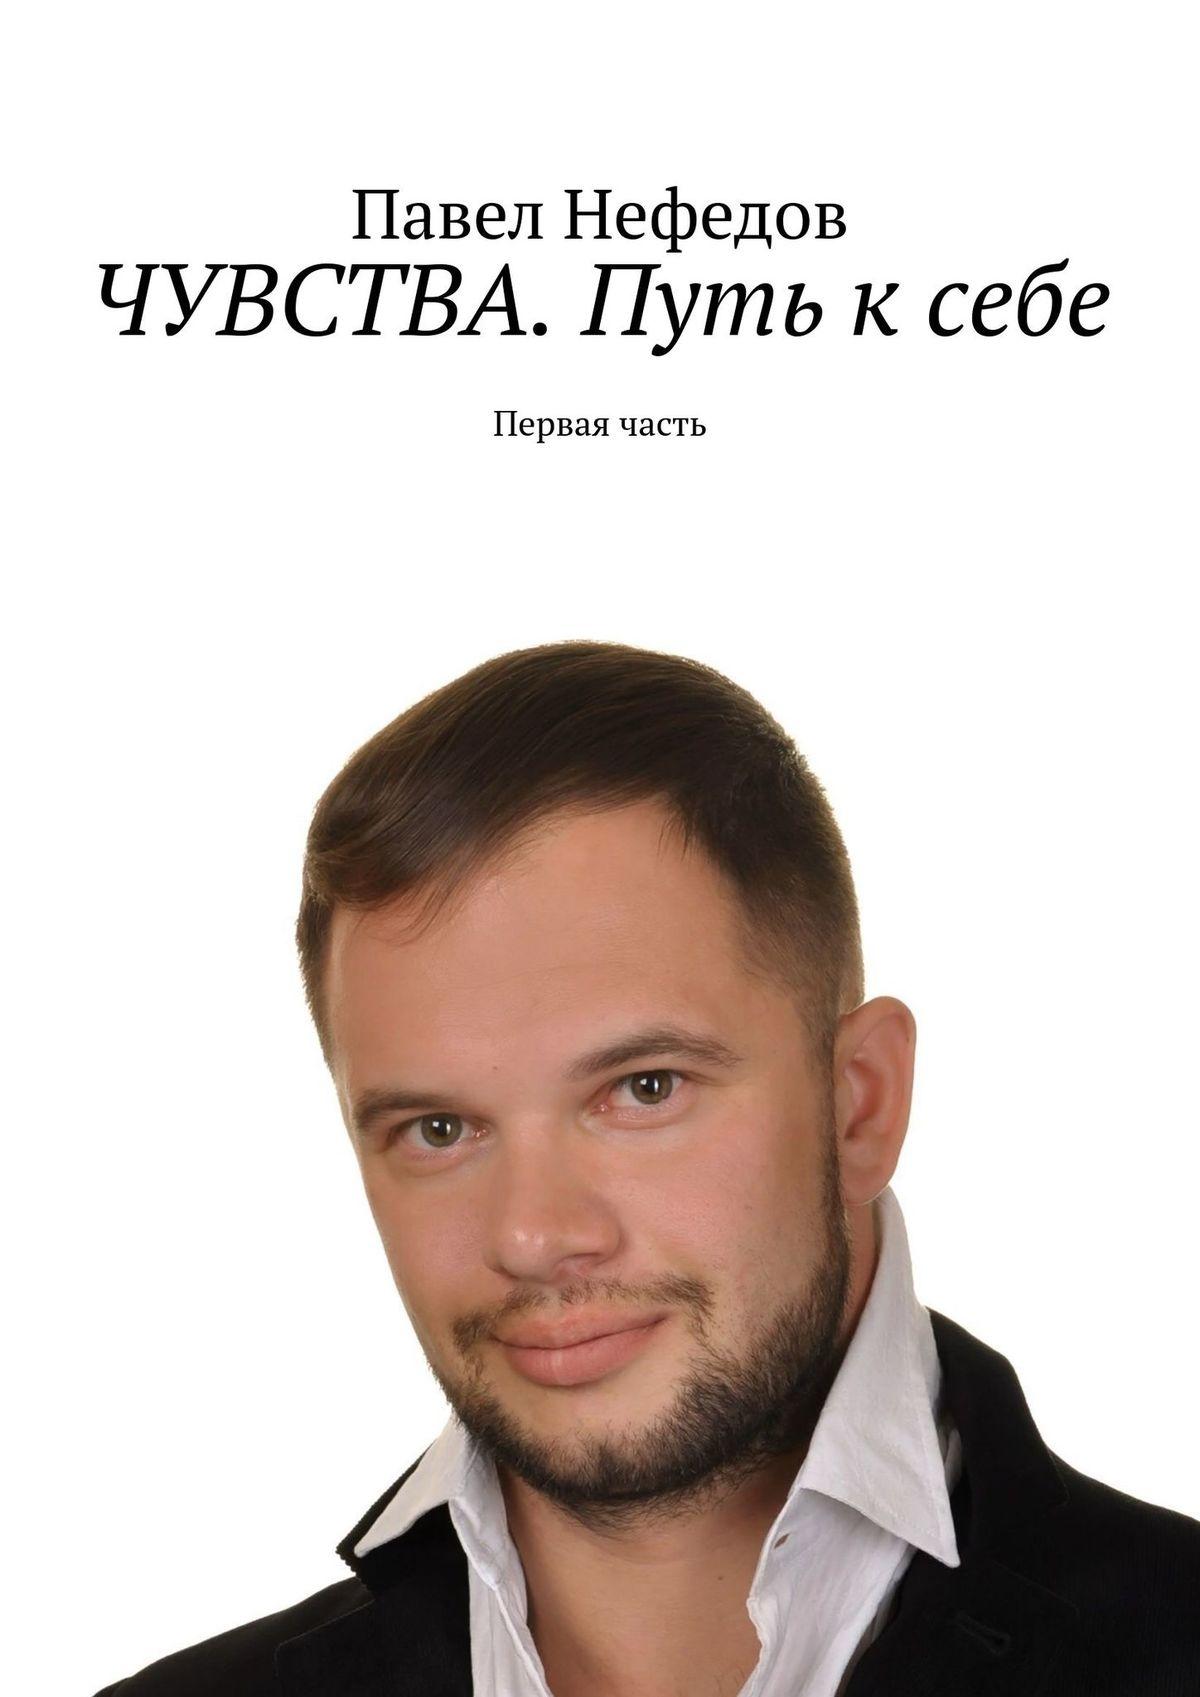 Павел Нефедов ЧУВСТВА. Путь ксебе. Первая часть мир через культуру